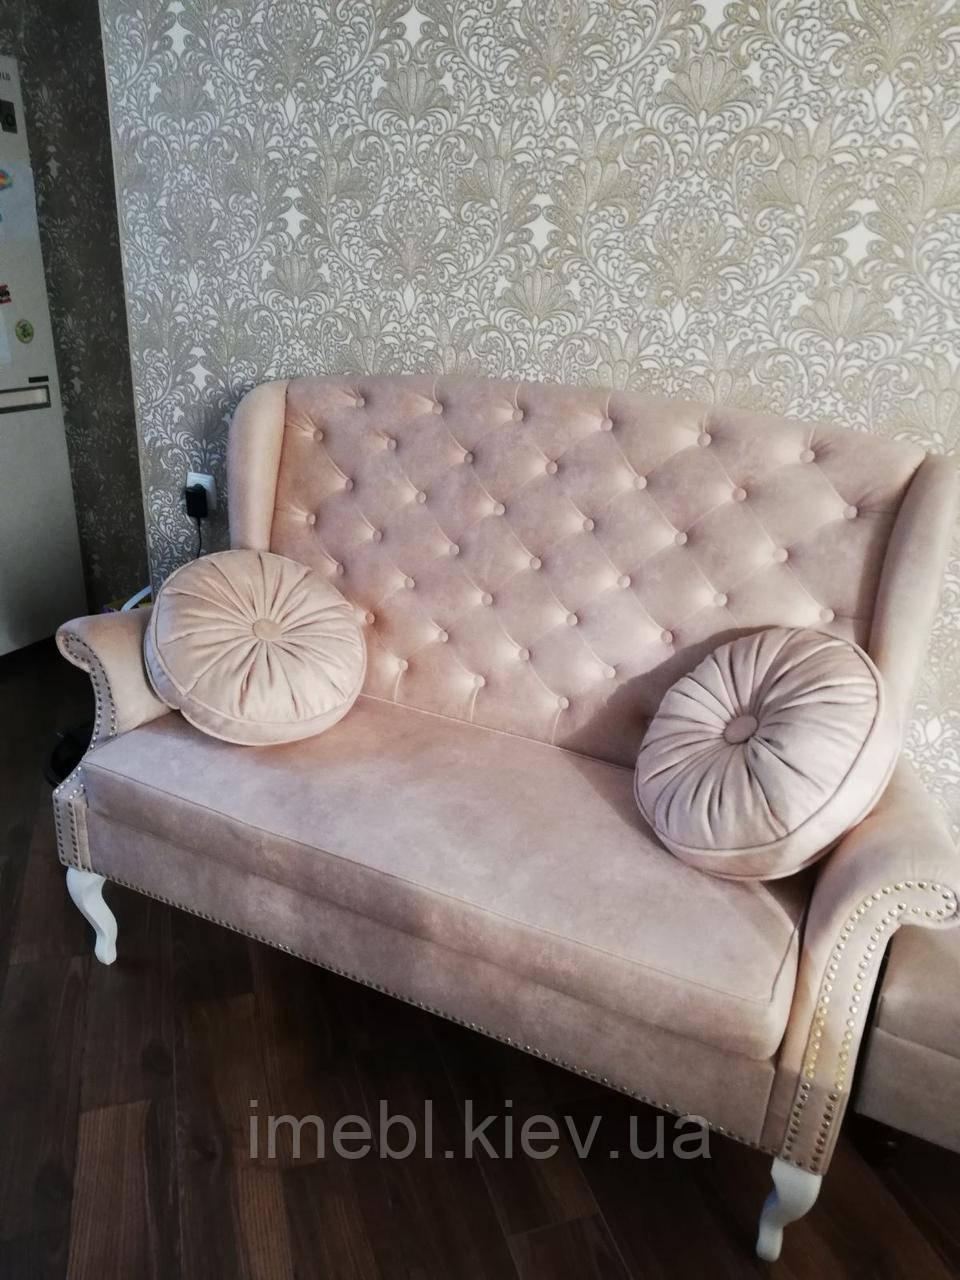 Кухонный диванчик с подушками (Розовый)